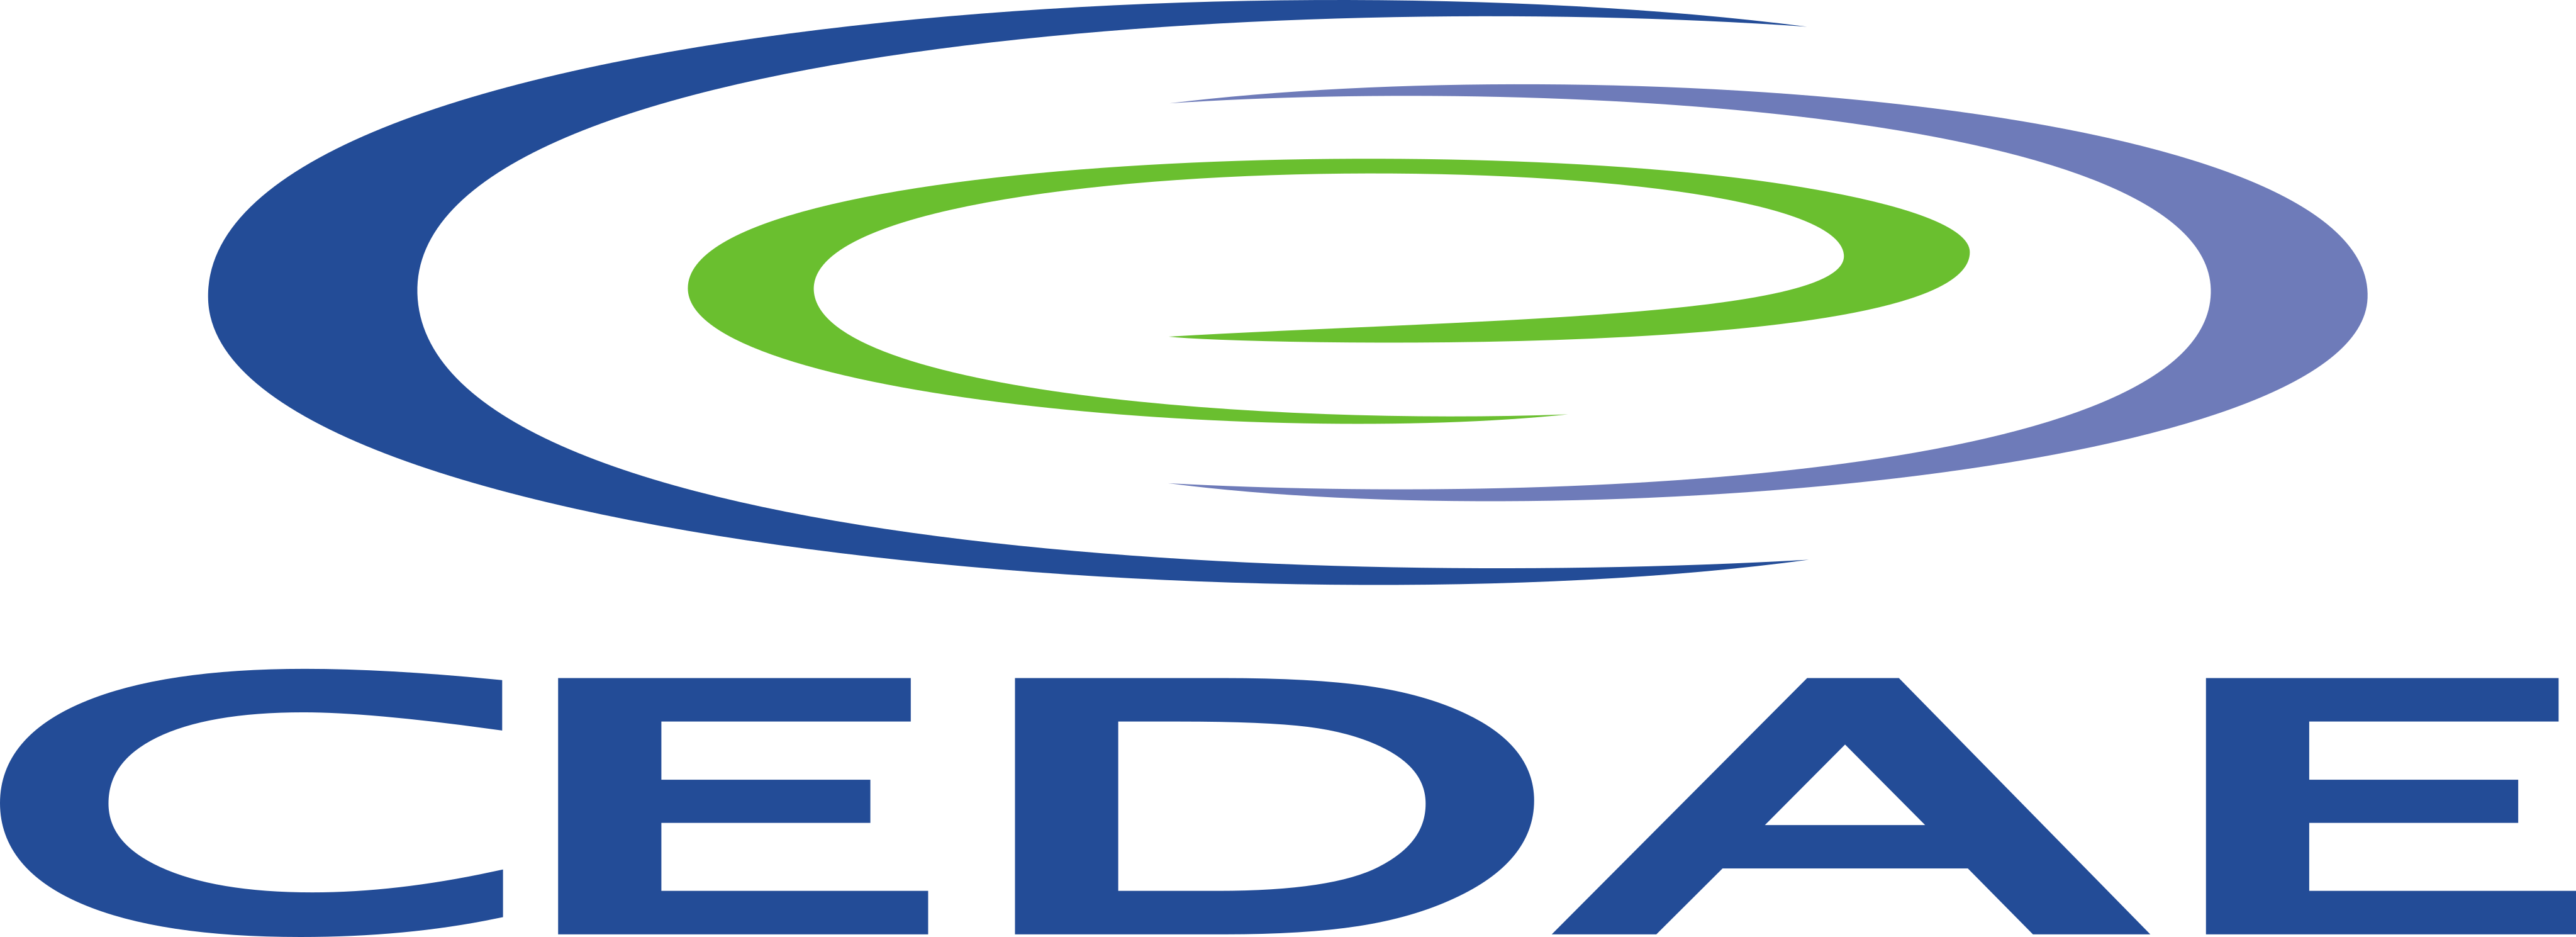 CEDAE Logo.